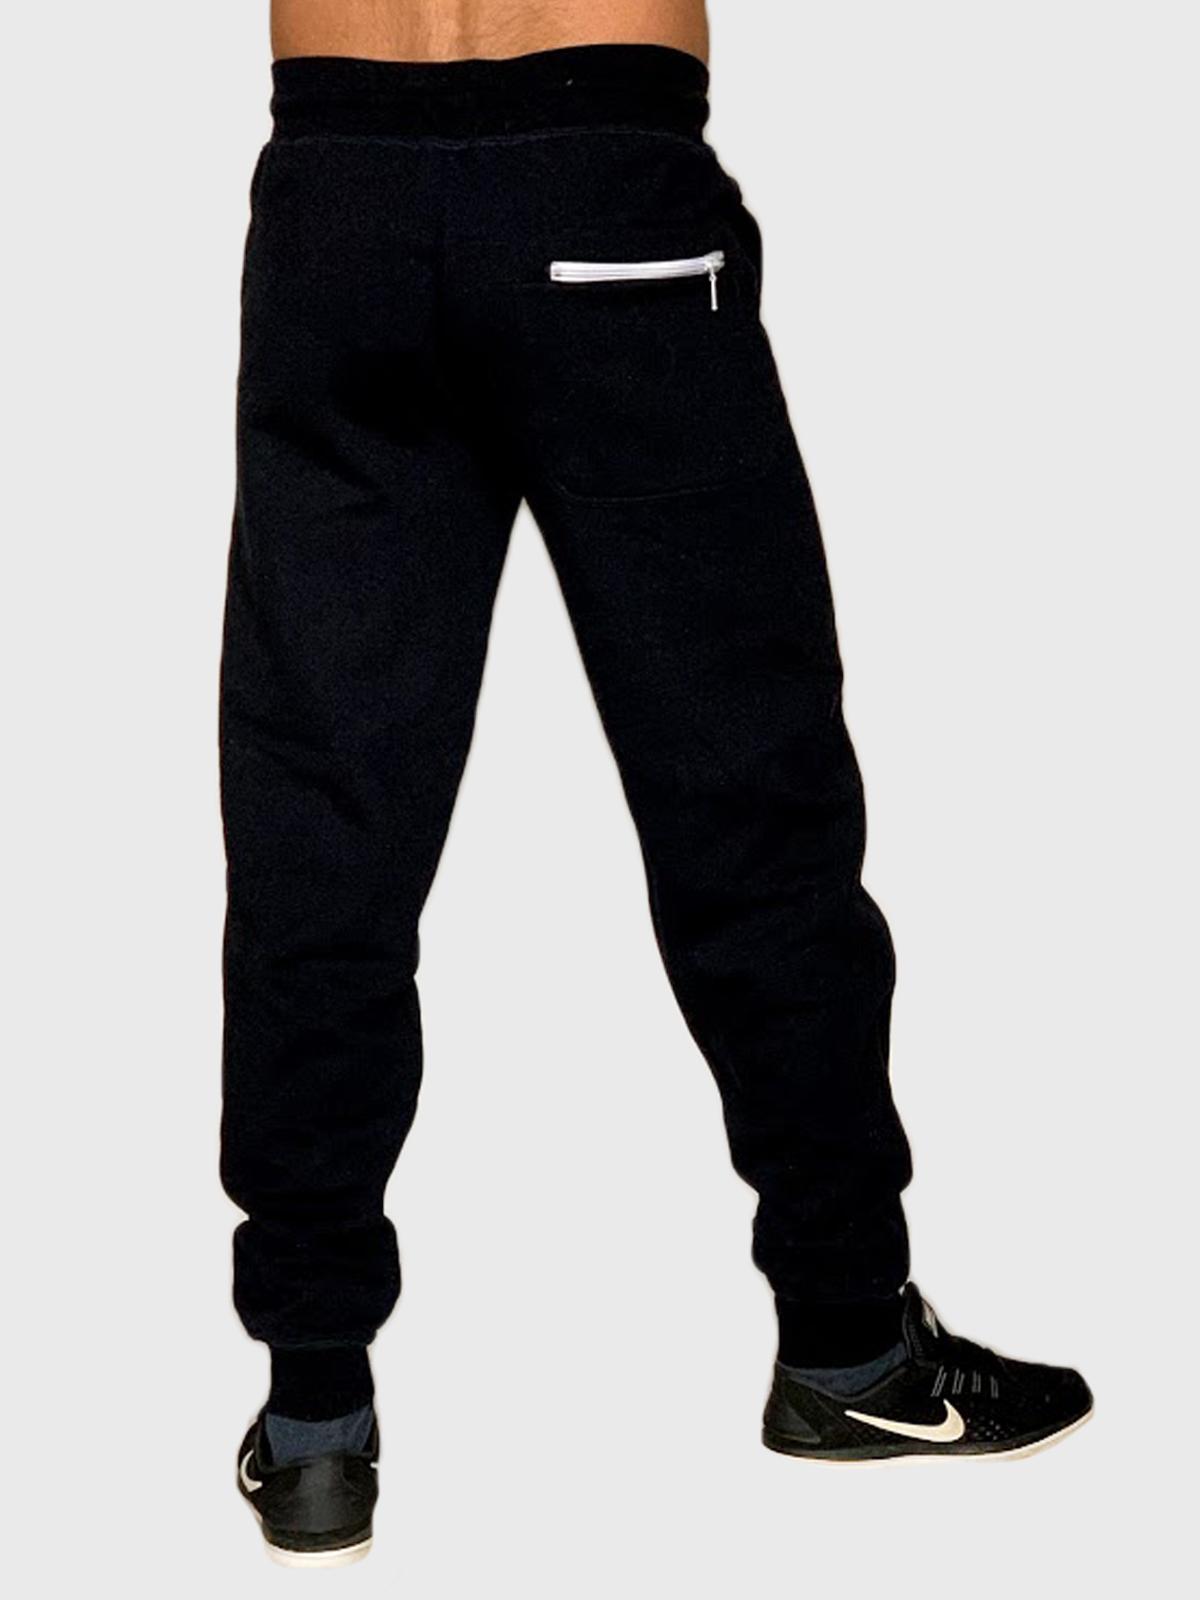 Заказать в интернет магазине мужские штаны Diesel для спорта